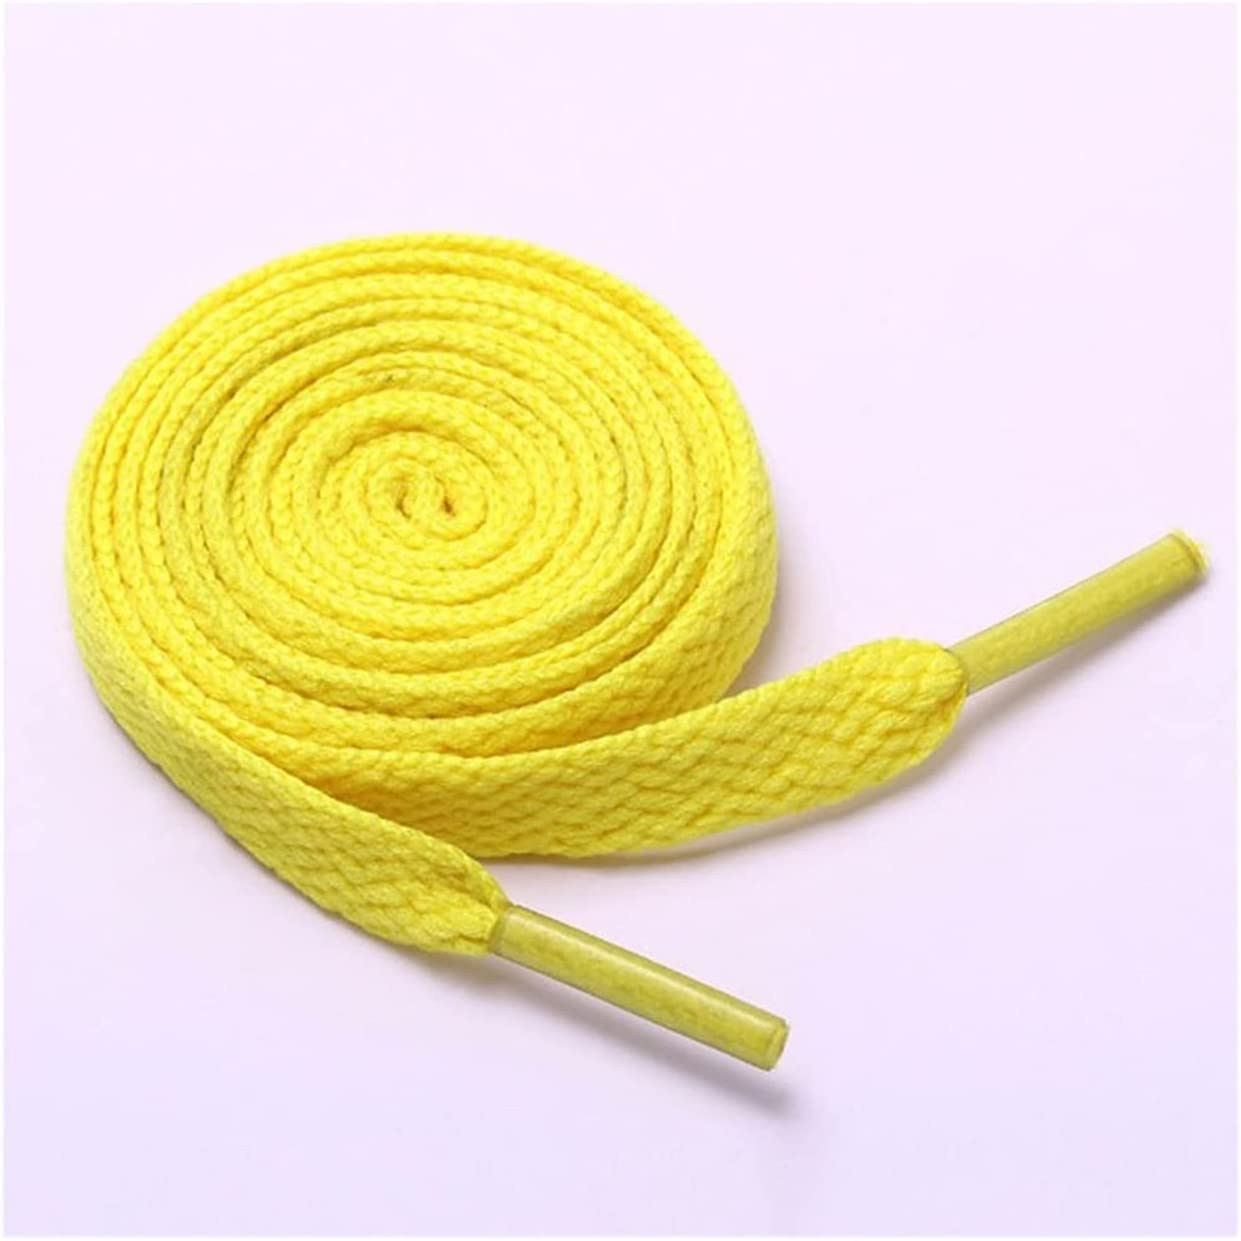 ZYQXB 80cm~120cm Oblong Shoelace Rope Sales Save money